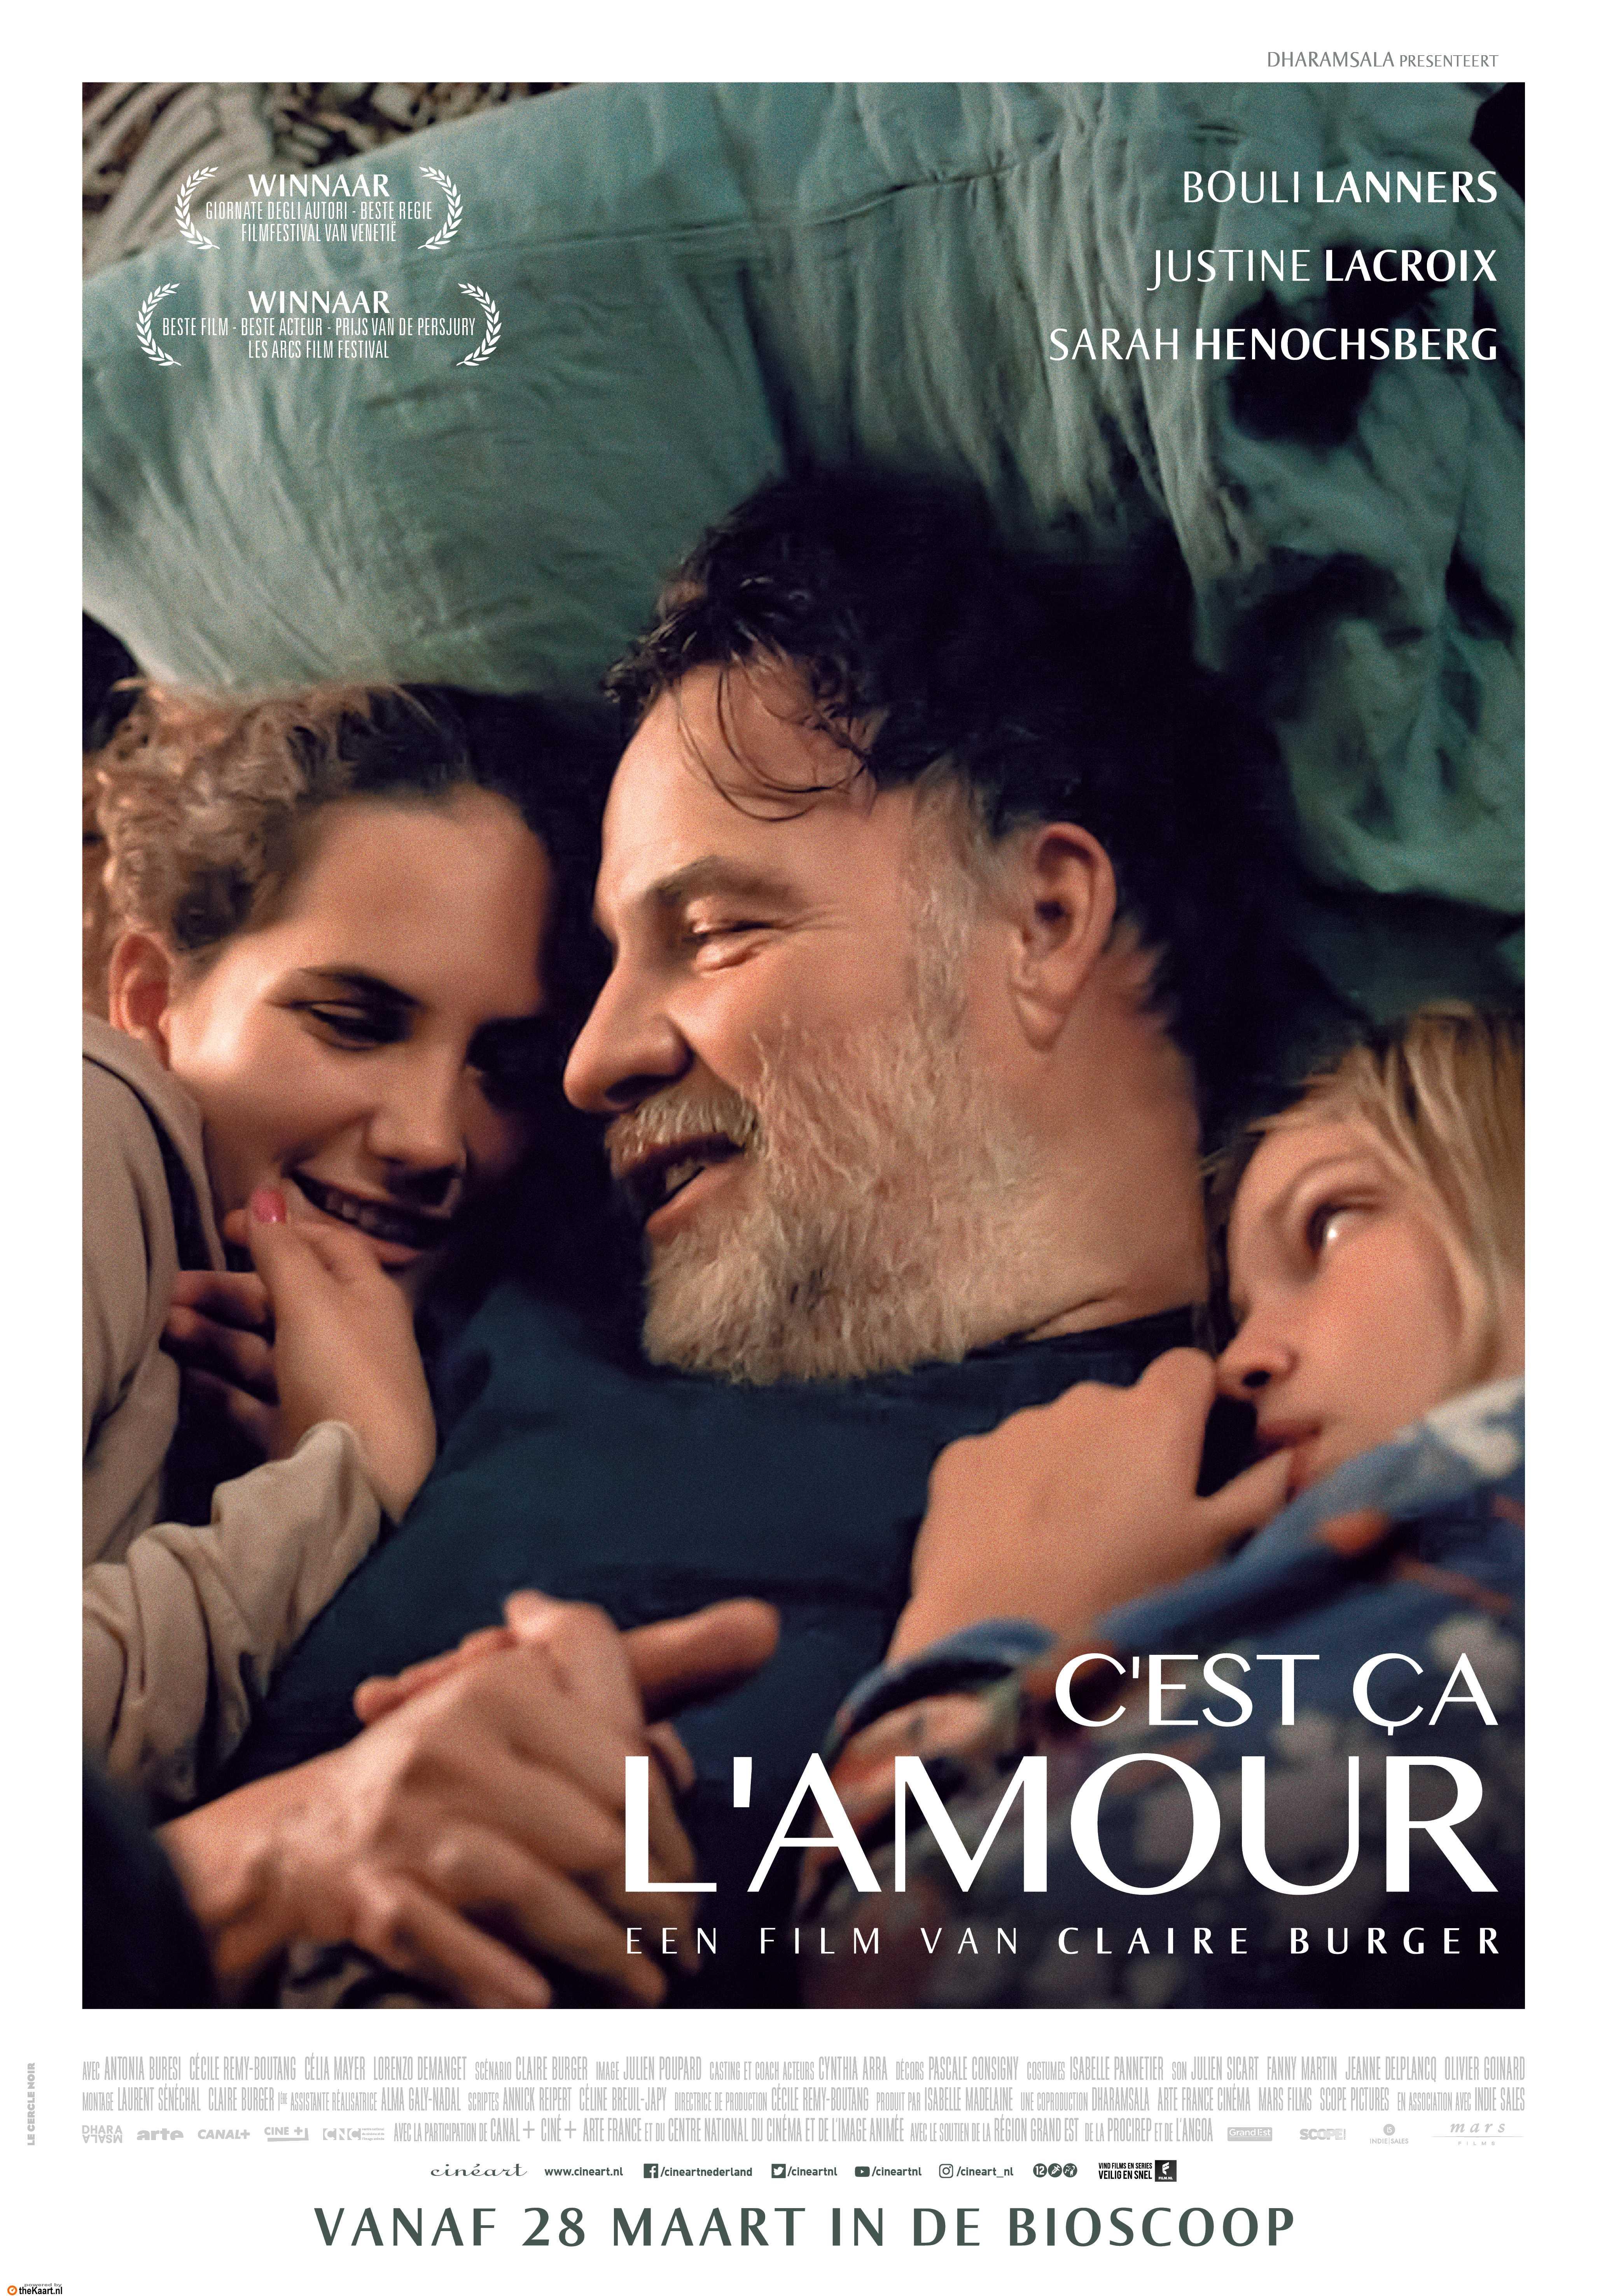 C'est ça l'amour poster, © 2018 Cinéart